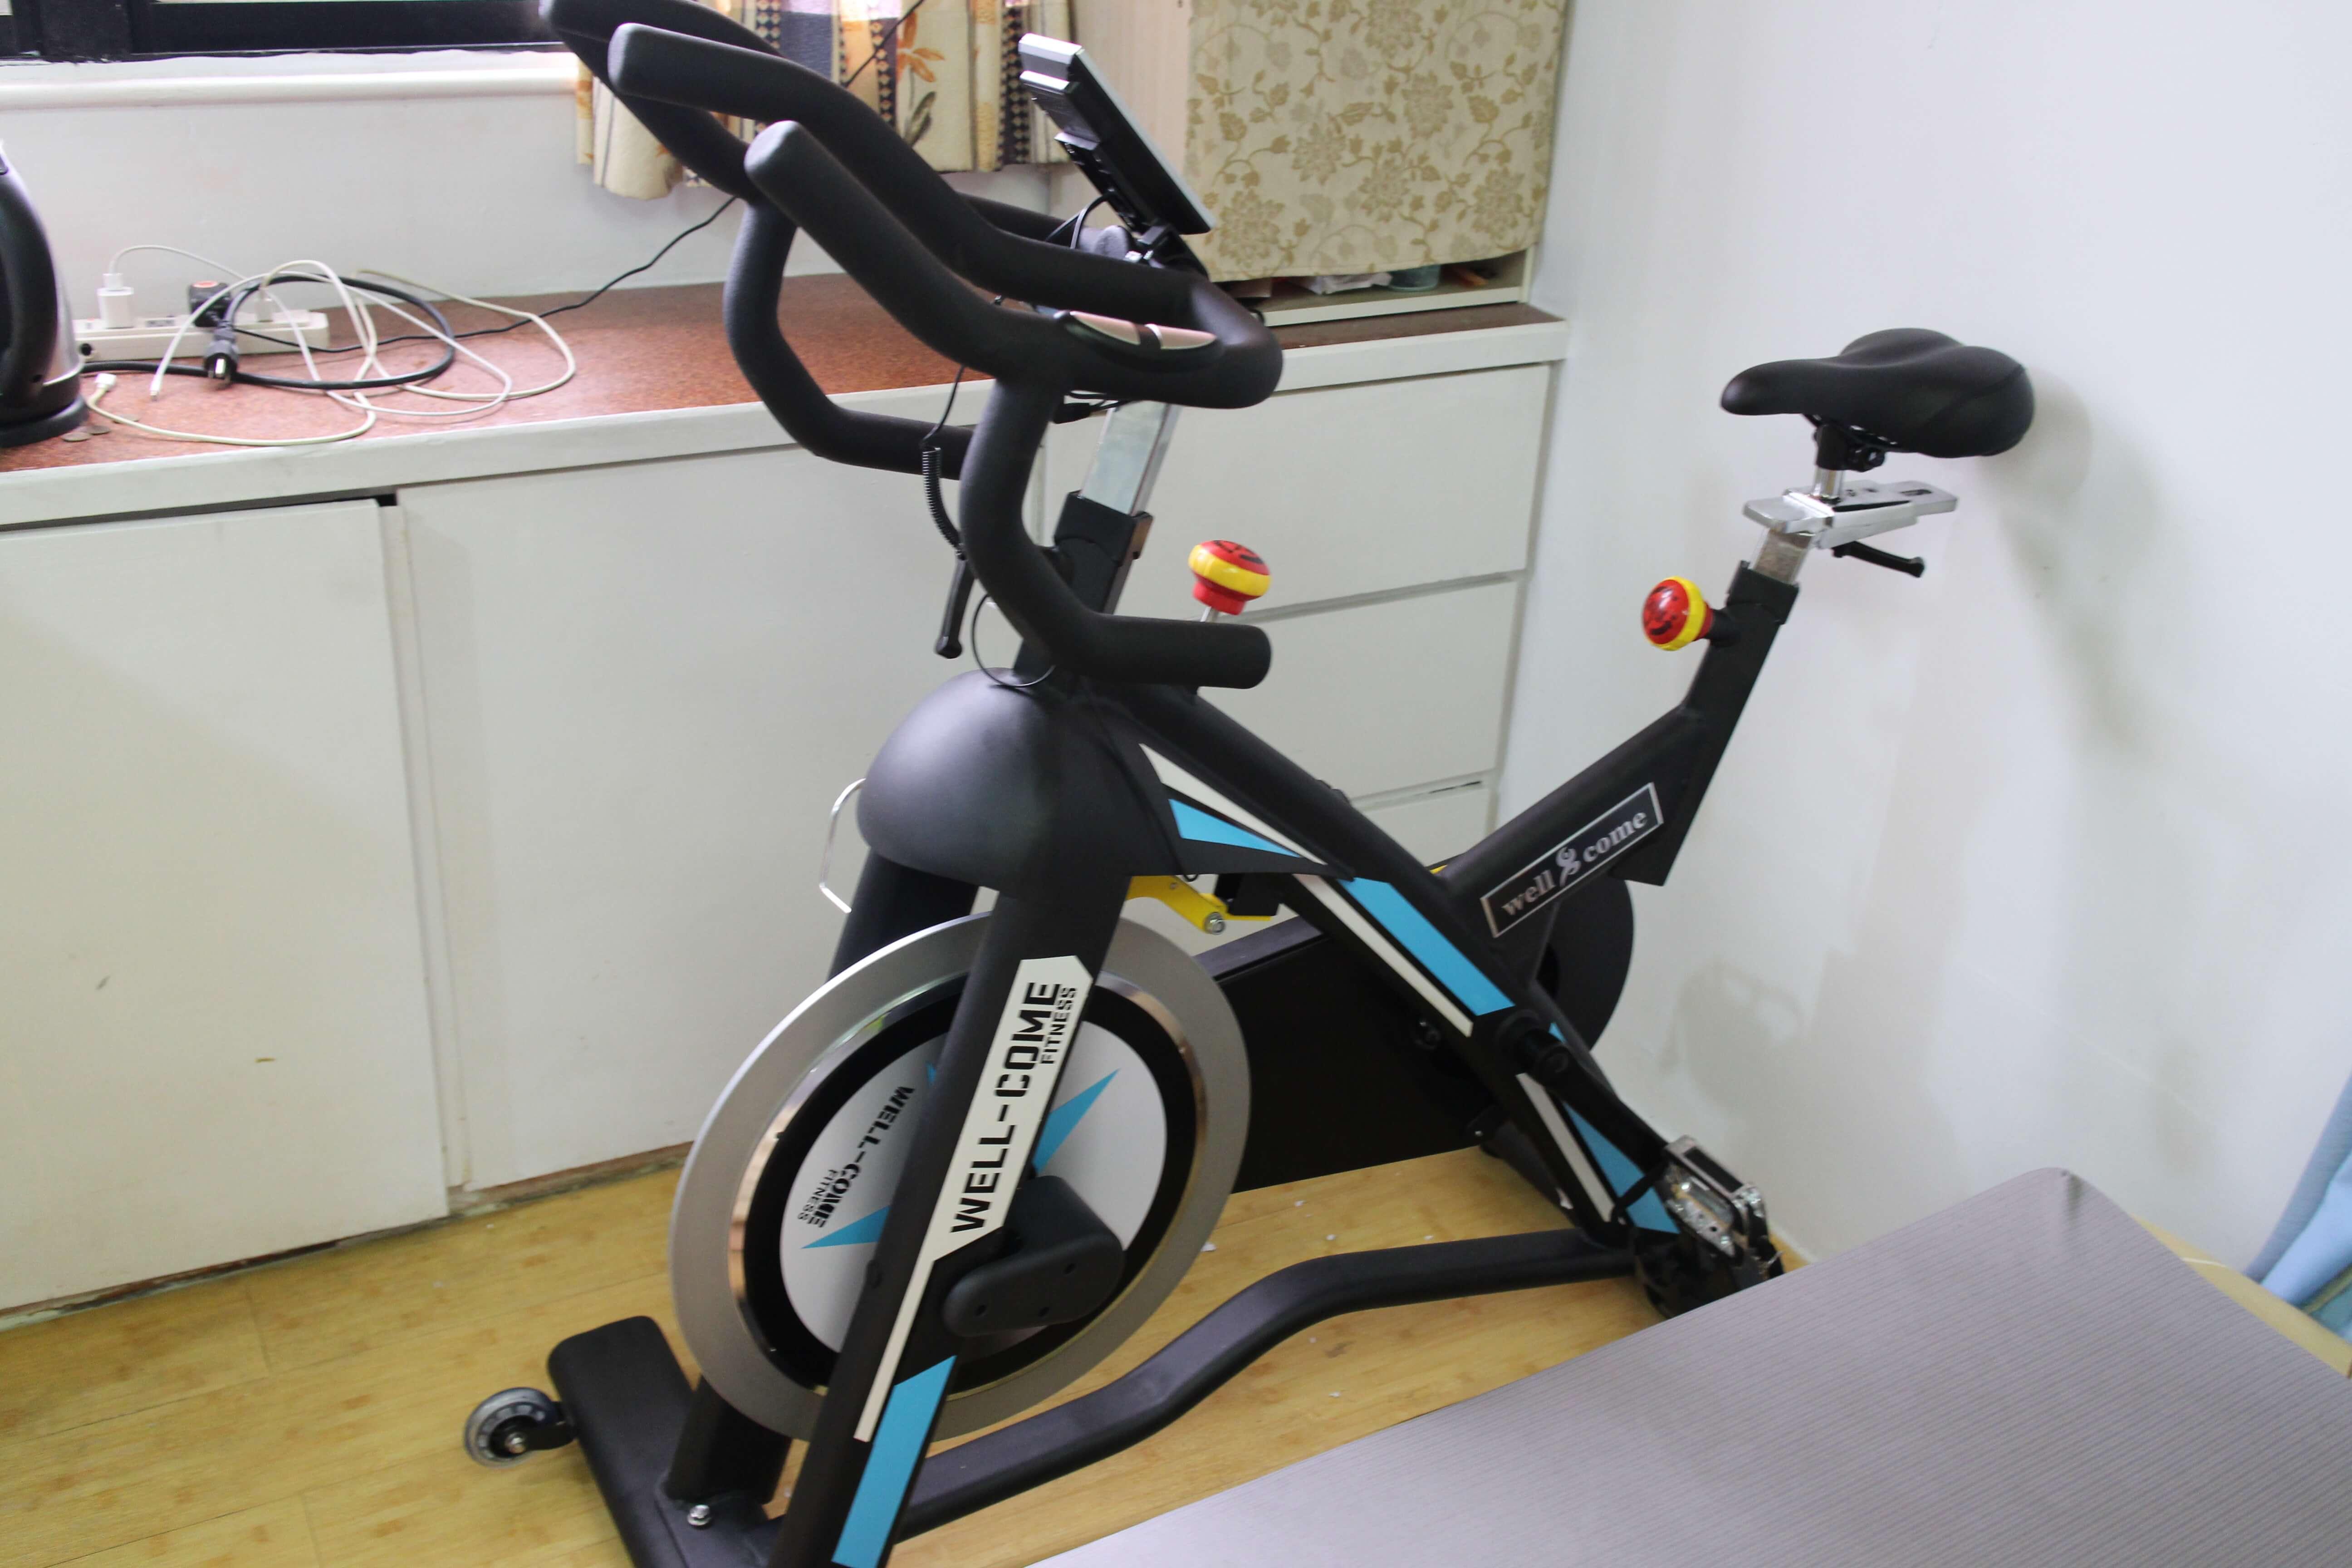 居家健身好方便【好吉康】磁控煞車雙合金磁控飛輪車-在享受簡單健身的同時也能兼顧安全(體驗文) @秤瓶樂遊遊